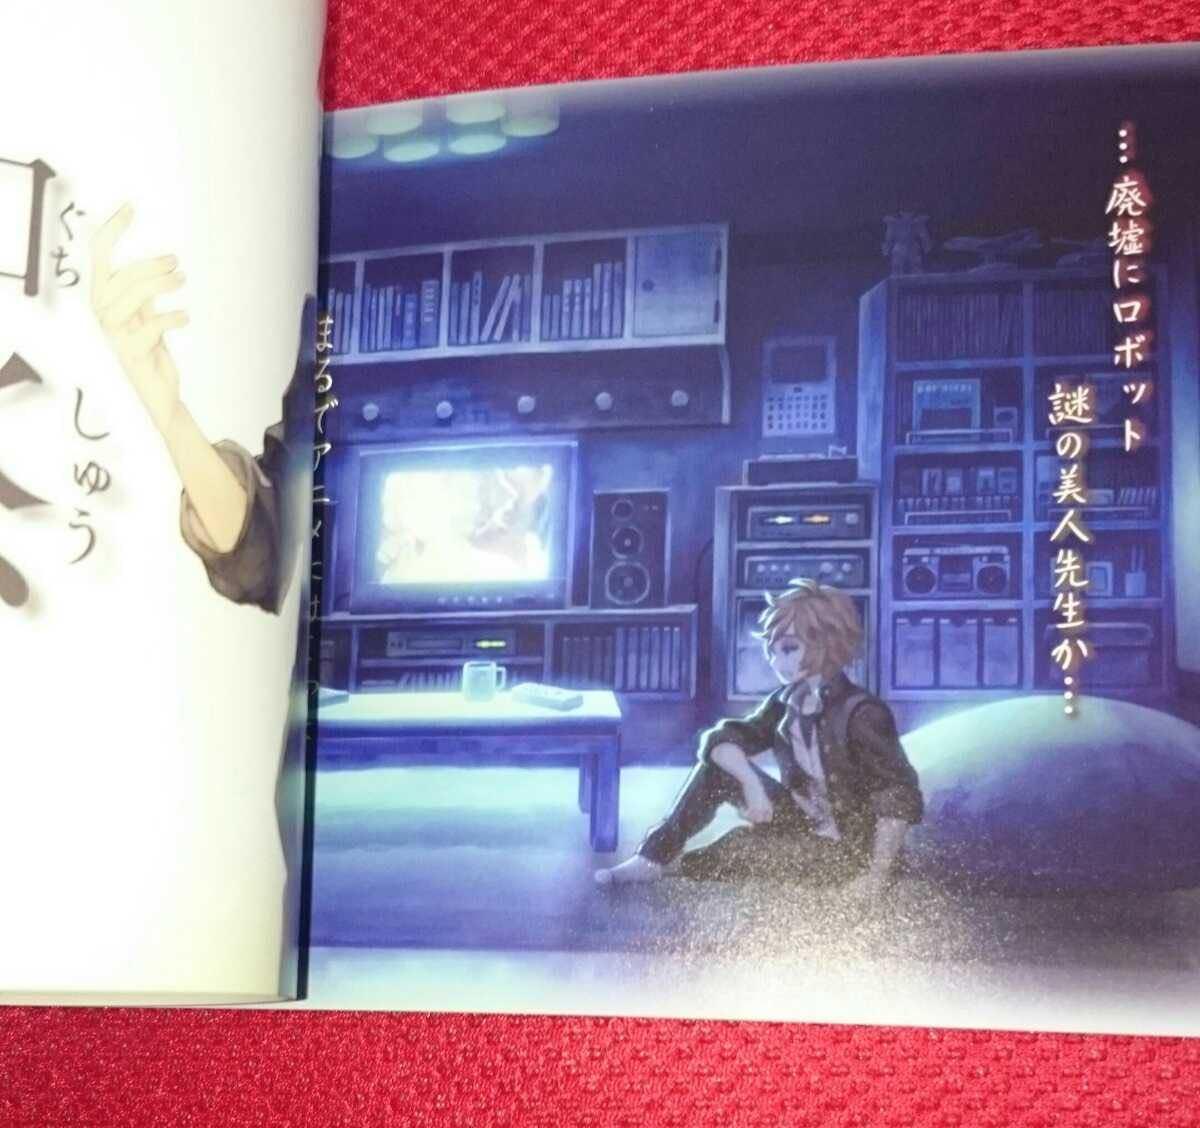 十三機兵防衛圏 プロローグ(PS4)+ヴィジュアルブック 商品説明必読!_画像3